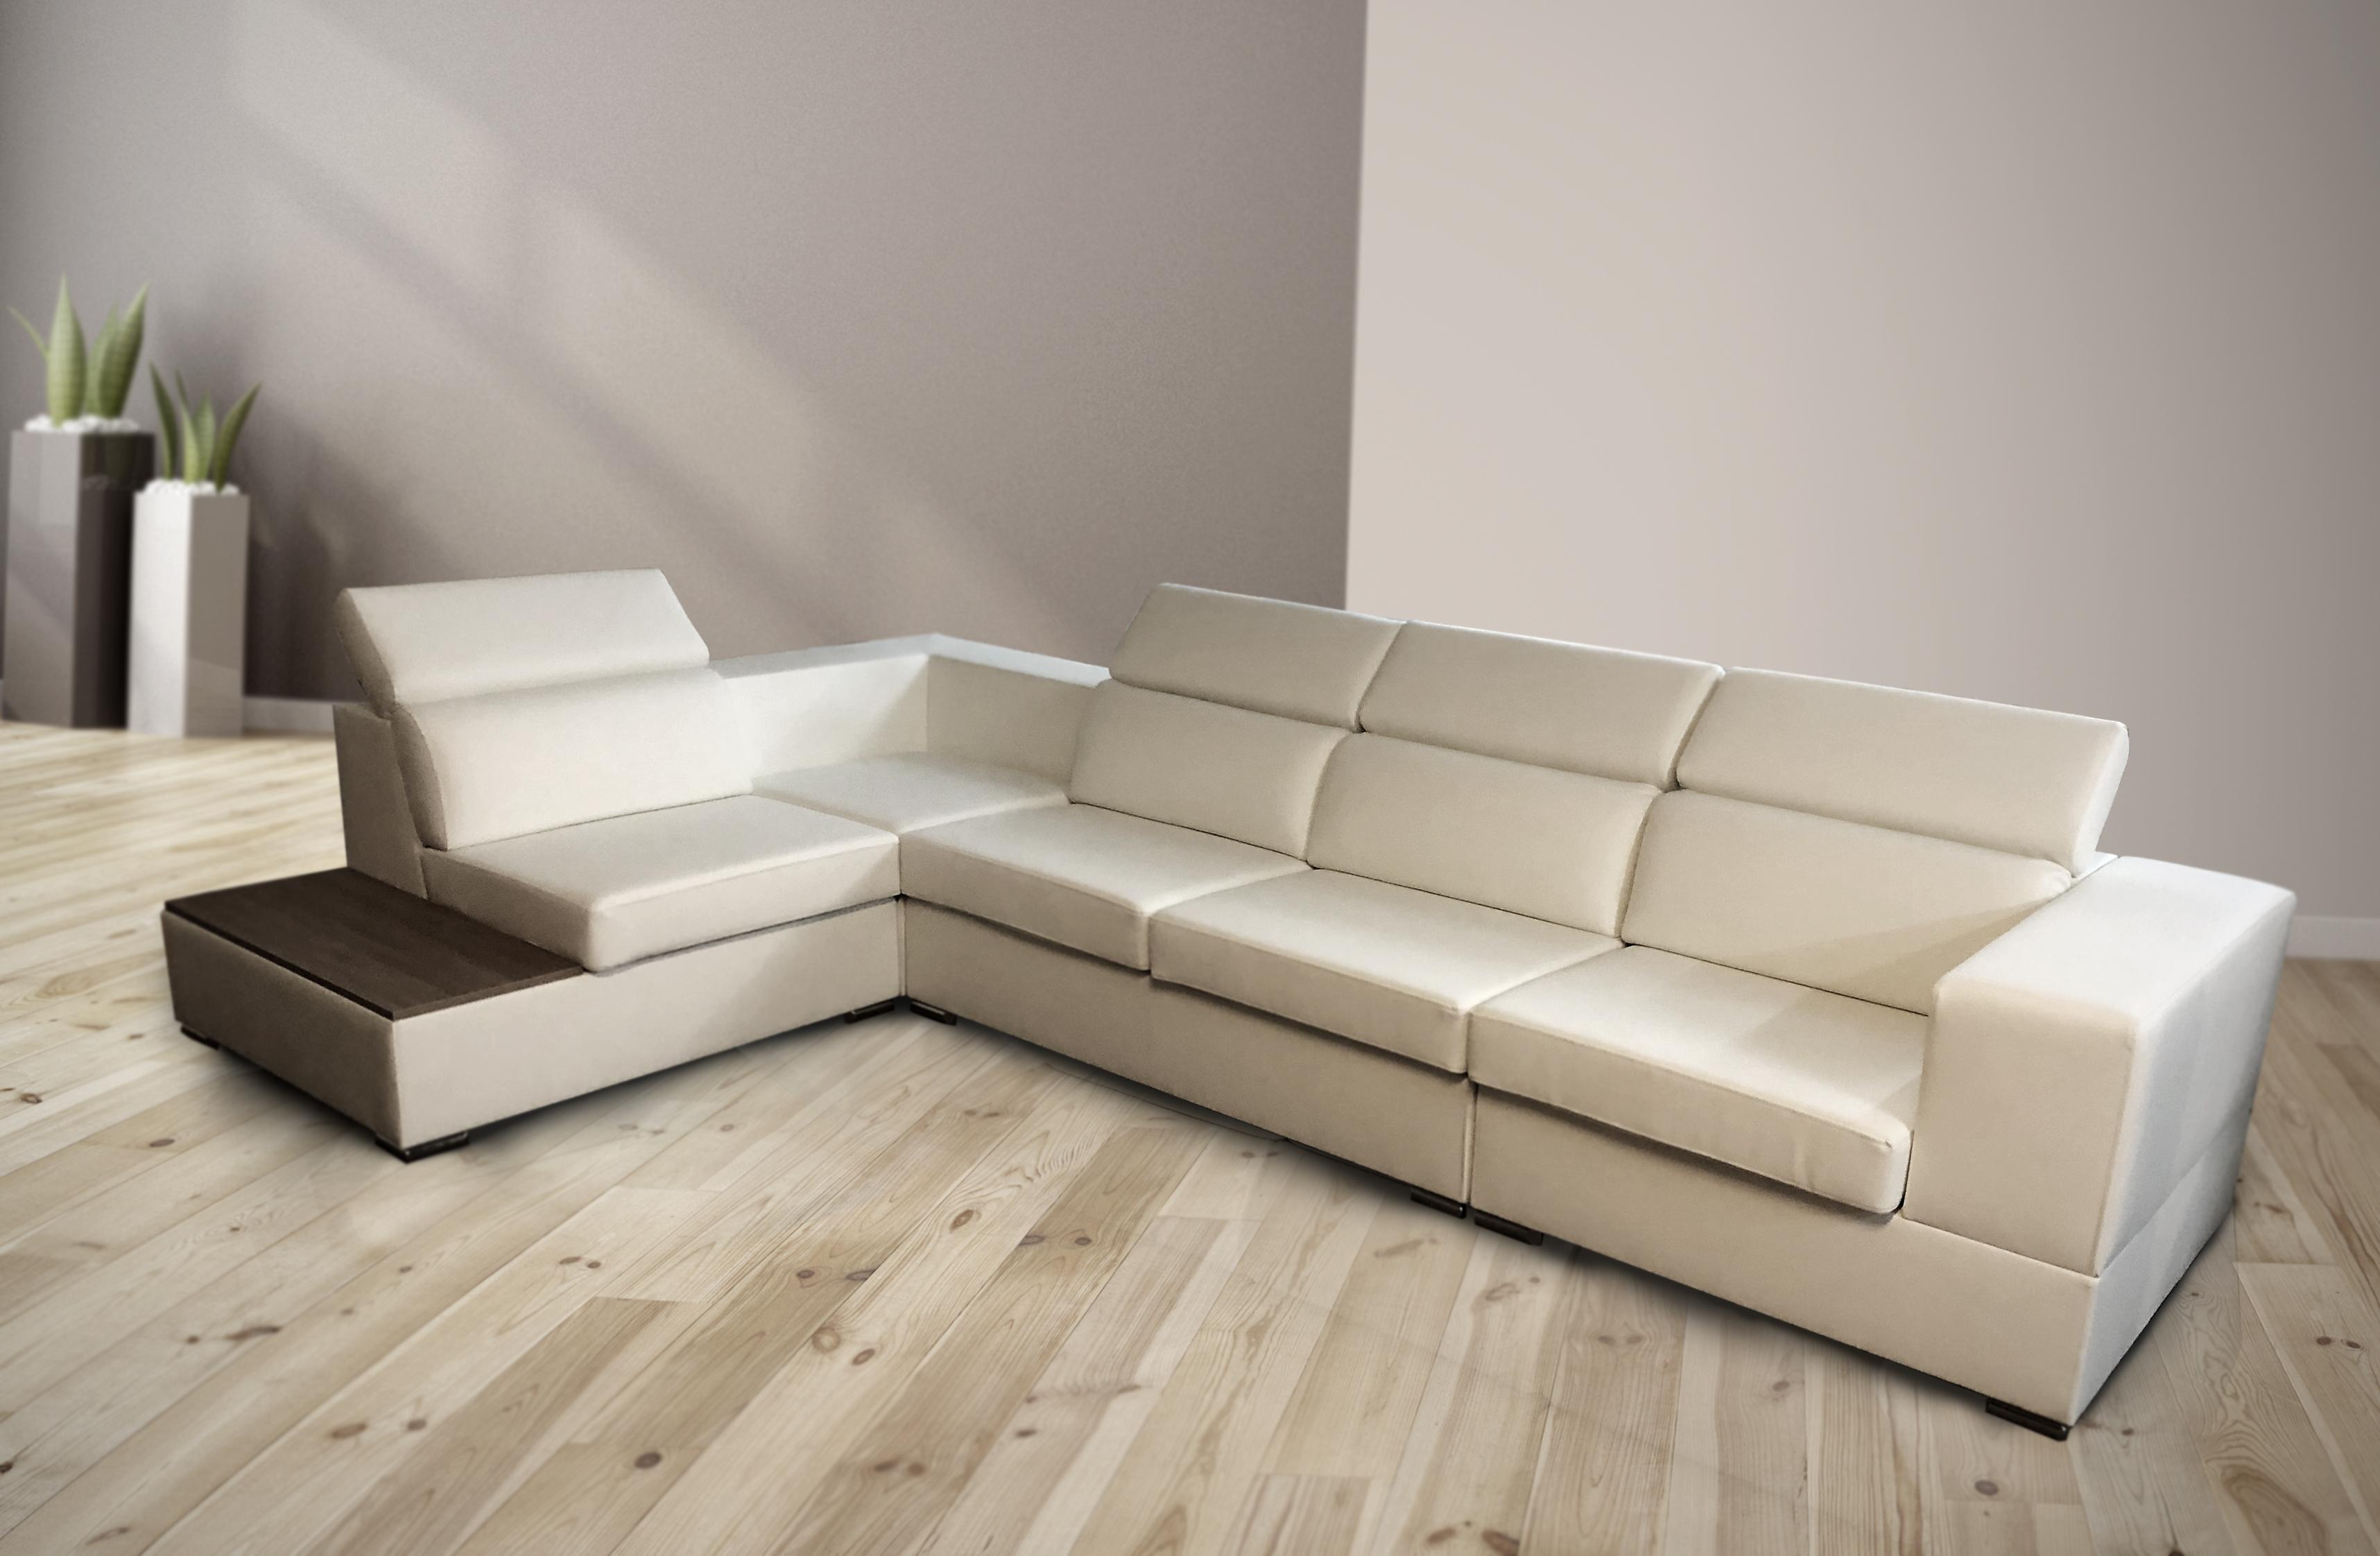 Canapele Iasi.Canapele Rosini Design